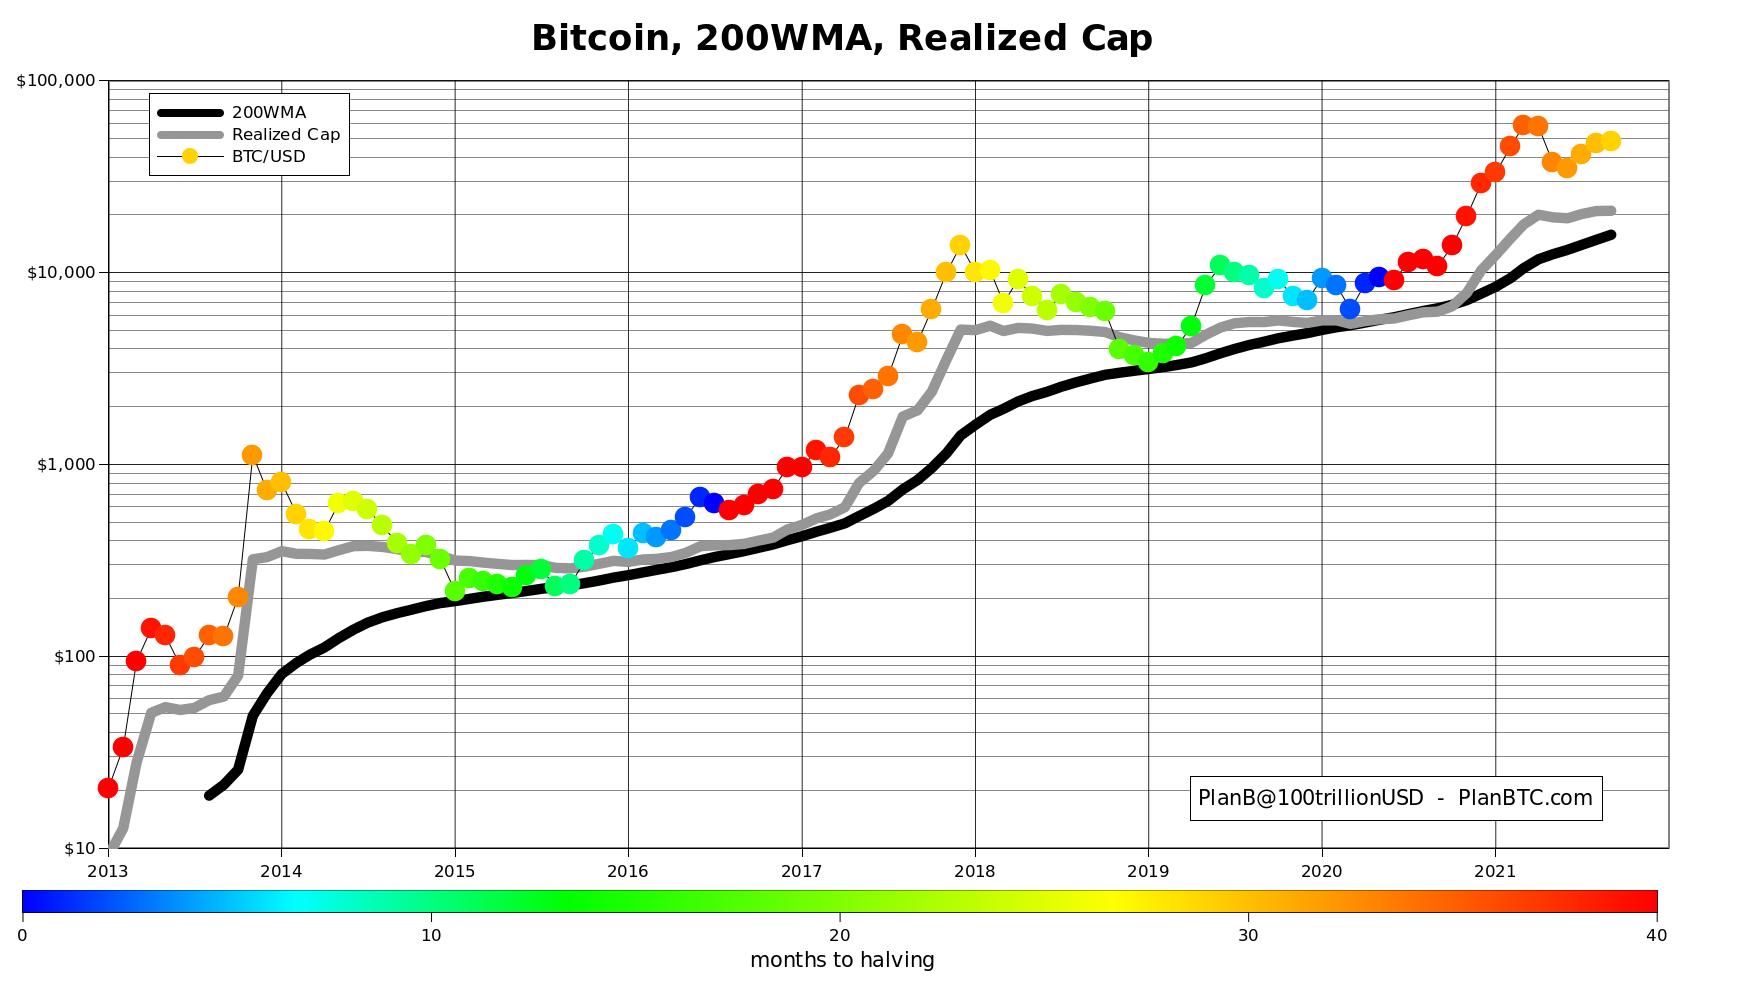 Confronto fra 200- WMA, Realized Cap e prezzo di BTC/USD. Fonte: PlanB/ Twitter